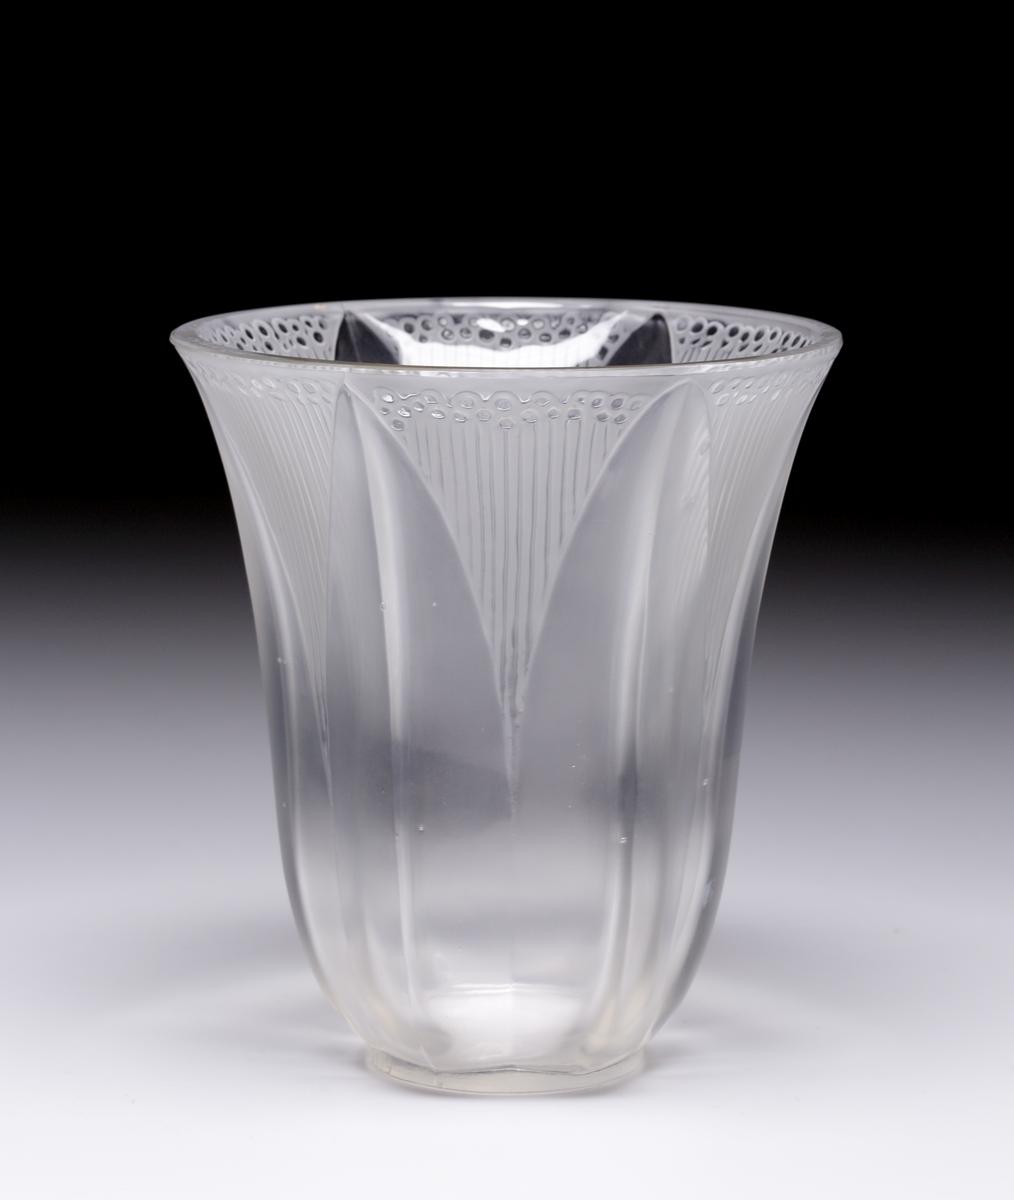 """Vas i ofärgat glas med olika matthet. Mönster med spetsbågar, refflor och små ringar. Enligt registerkortet fanns tidigare en etikett: Prislapp från Svenskt Tenn """"E 815 25 kr"""""""